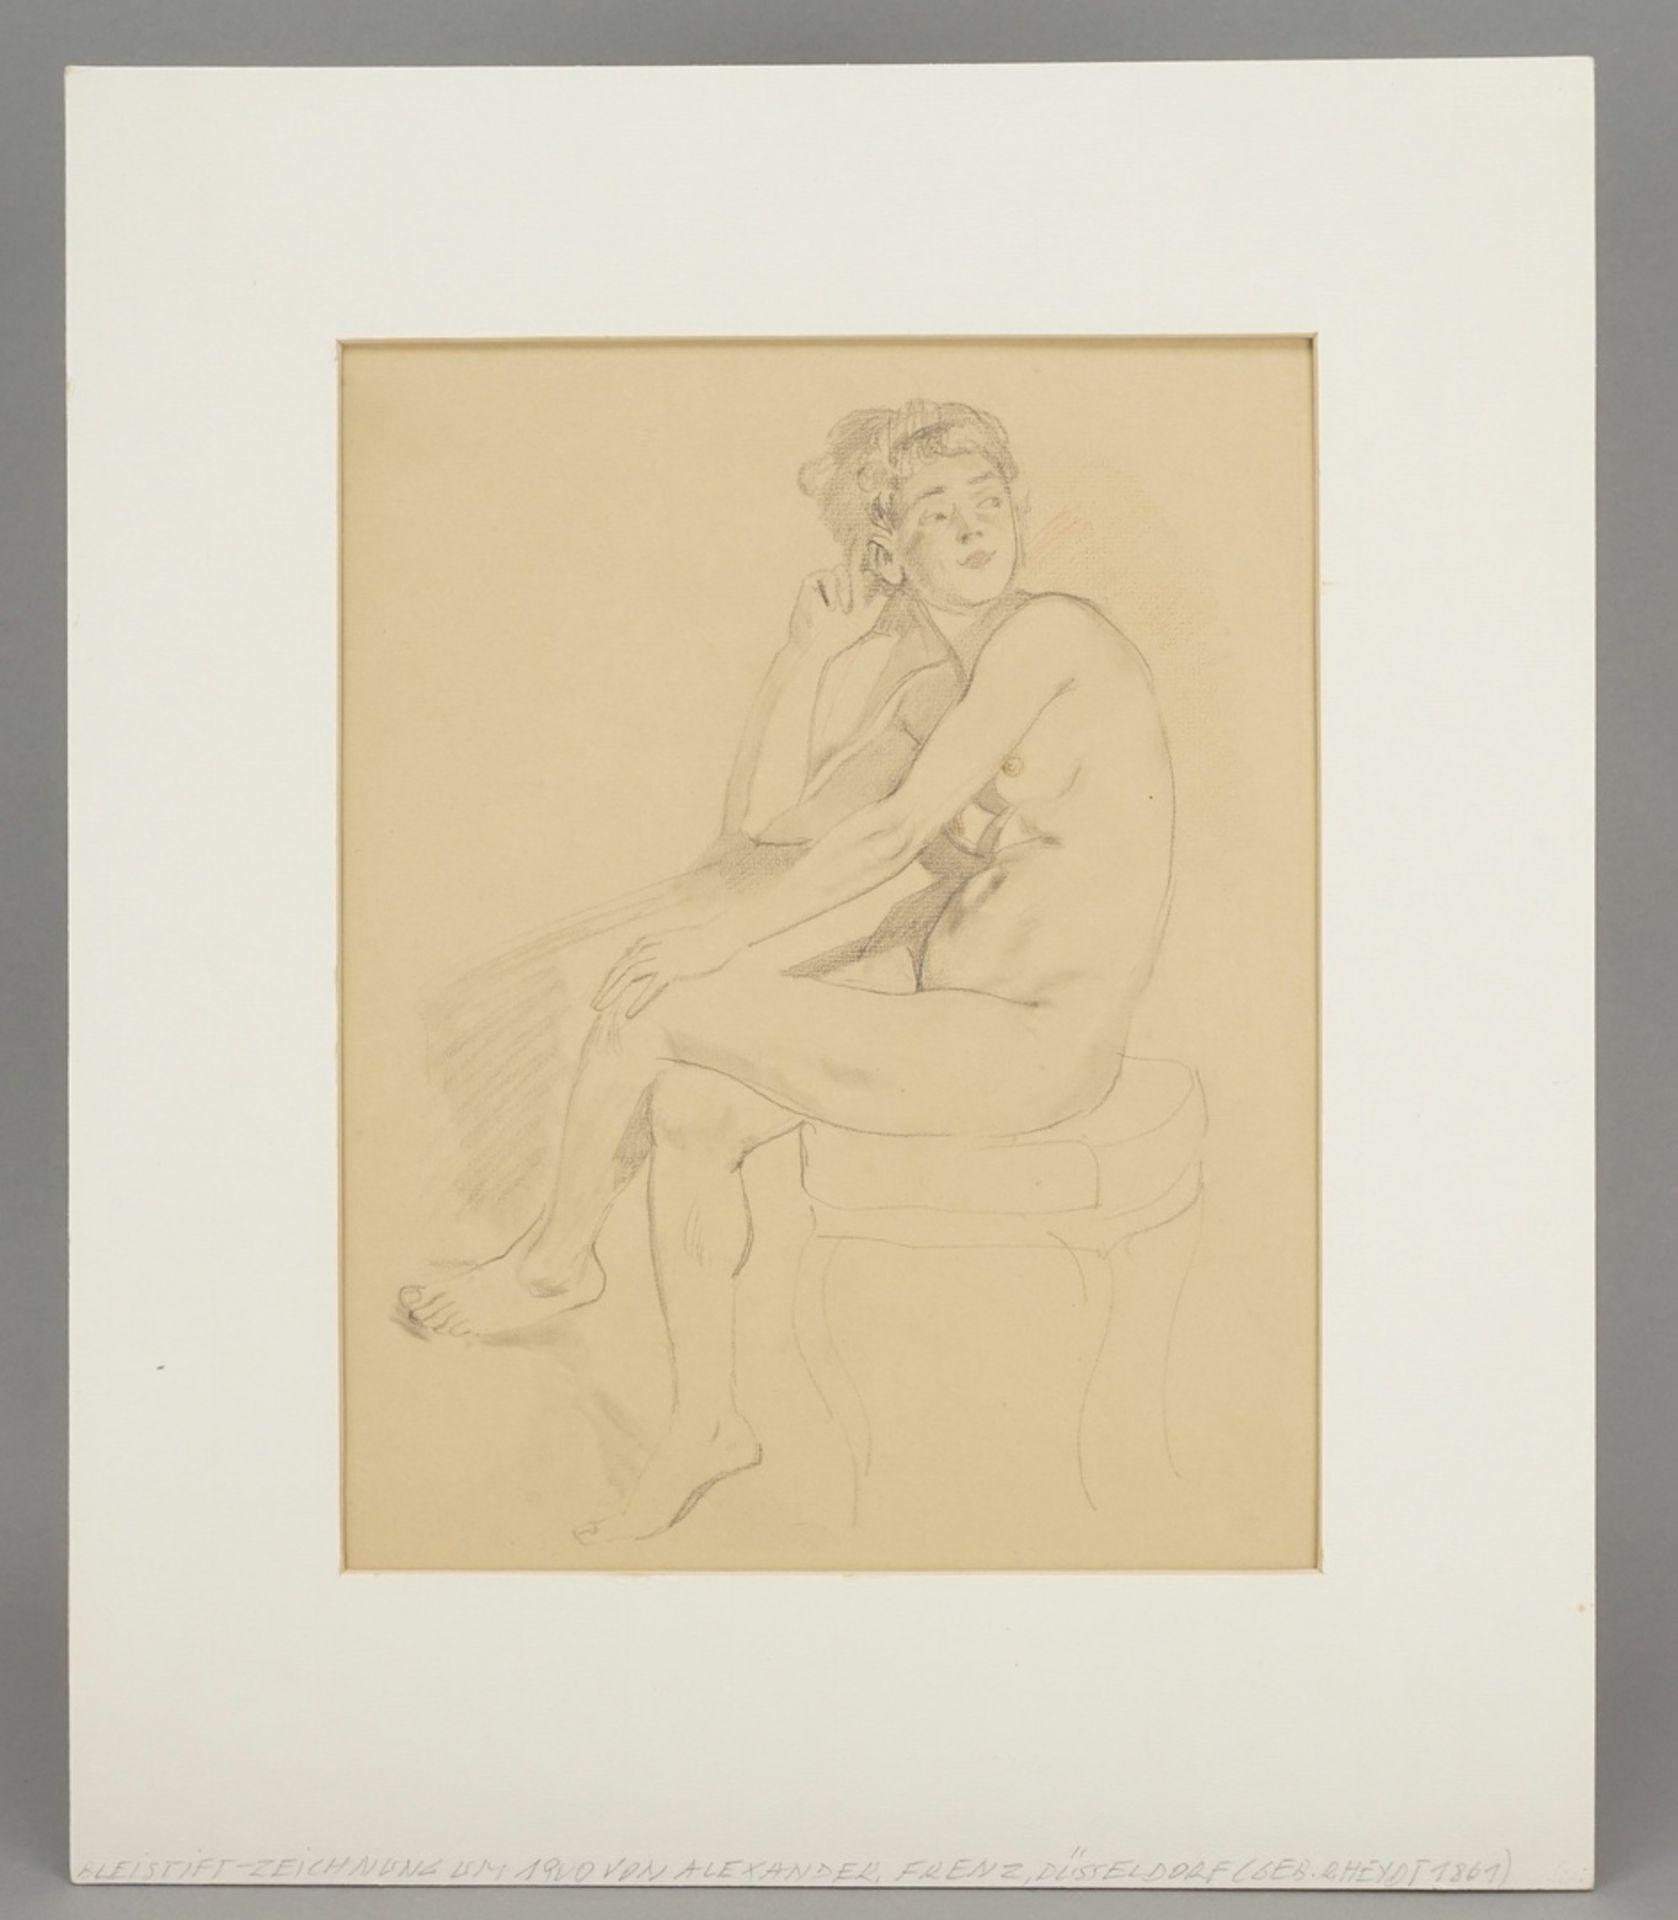 Alexander Frenz, Sitzender weiblicher Akt, die Beine übereinander geschlagen - Bild 2 aus 3